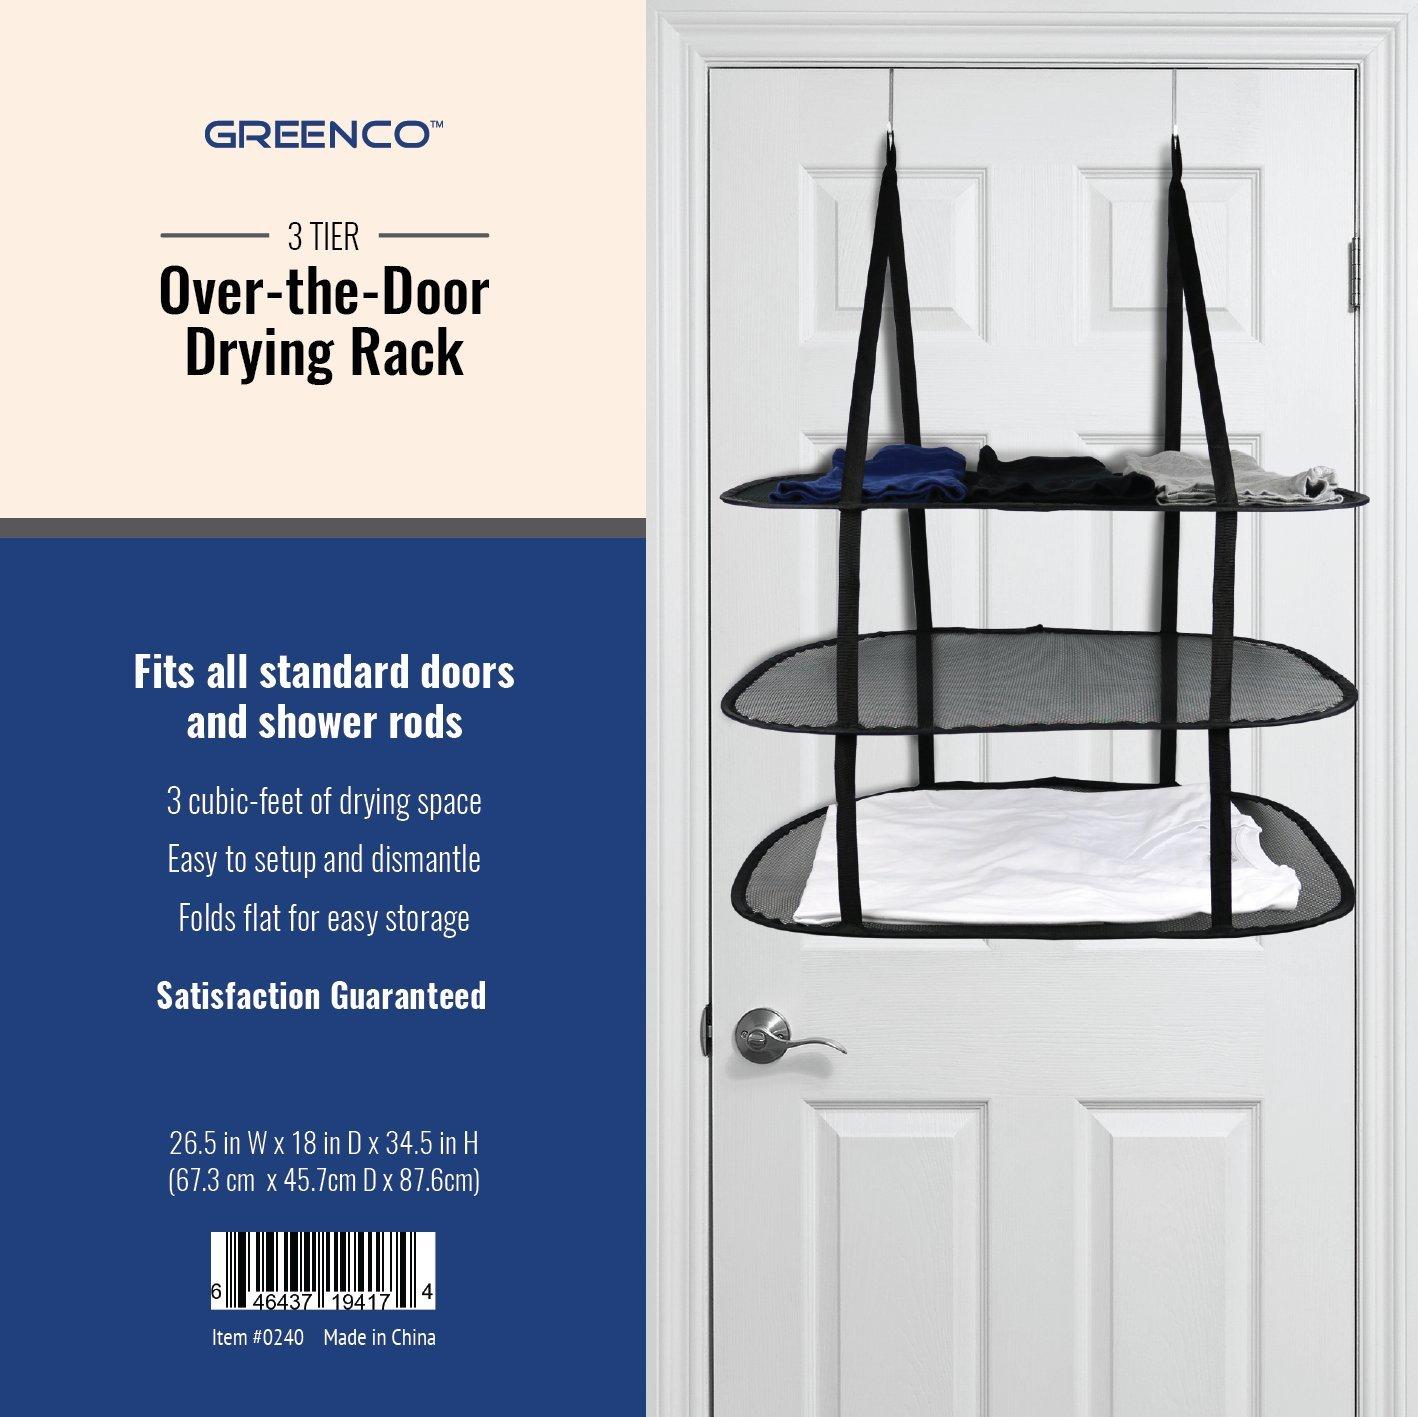 Greenco 3 Tier Over the Door Drying Rack